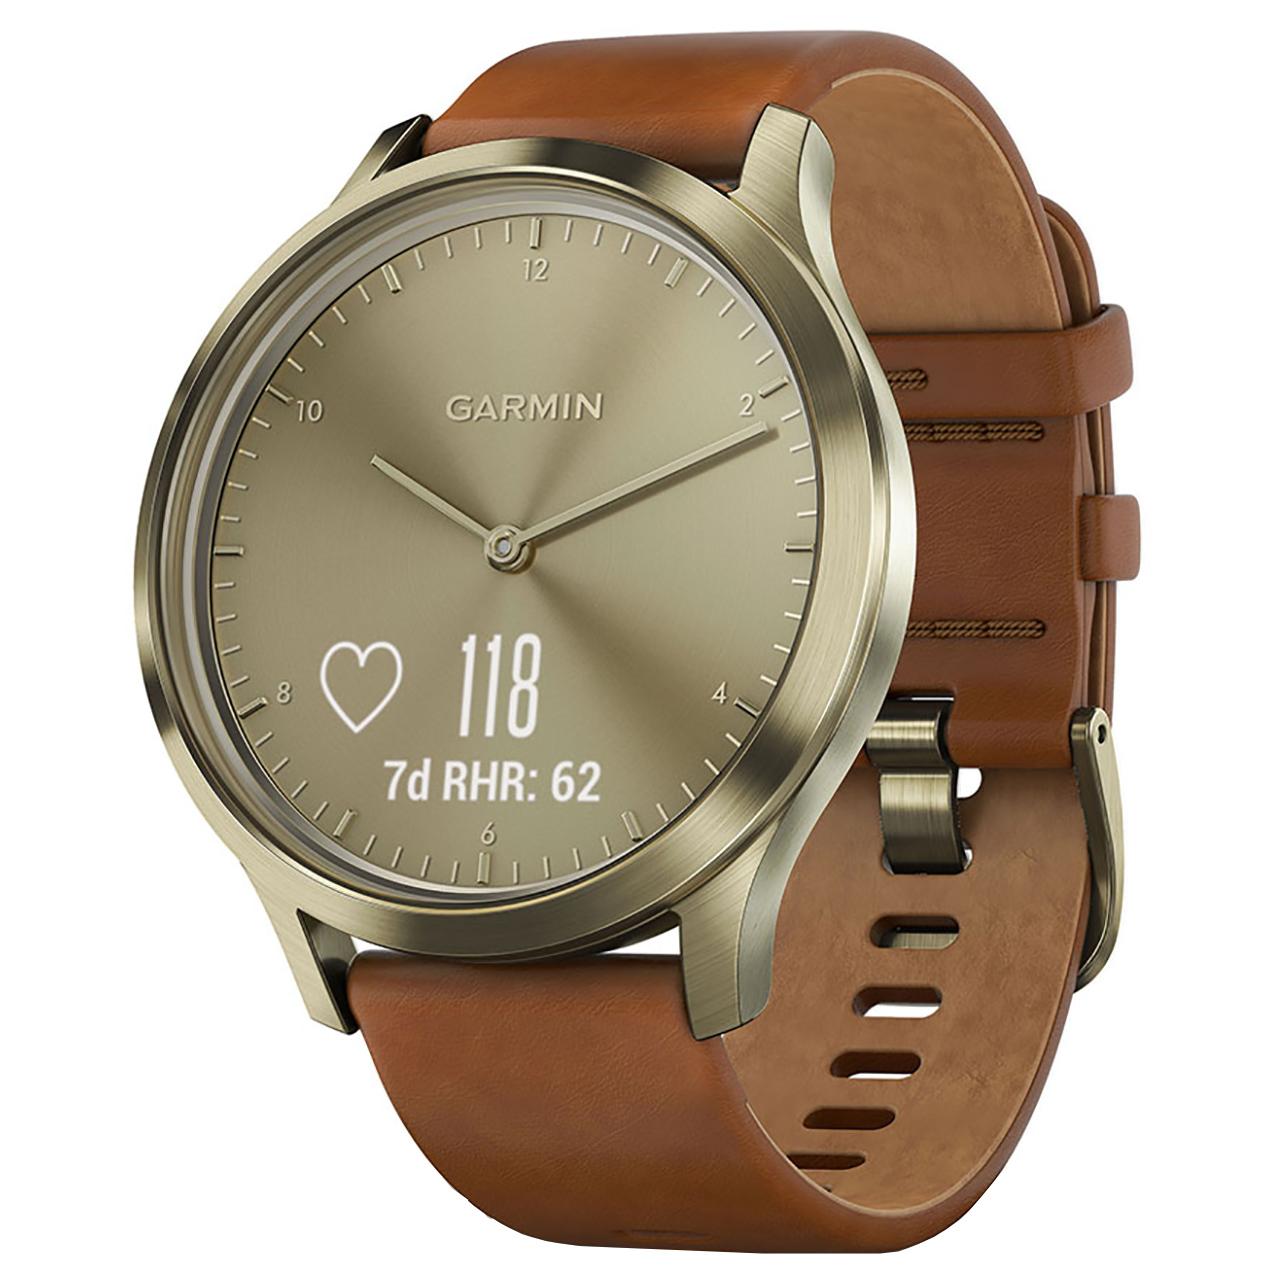 خرید ساعت مچی هوشمند گارمین مدل Vivomove HR Gold Leather Band